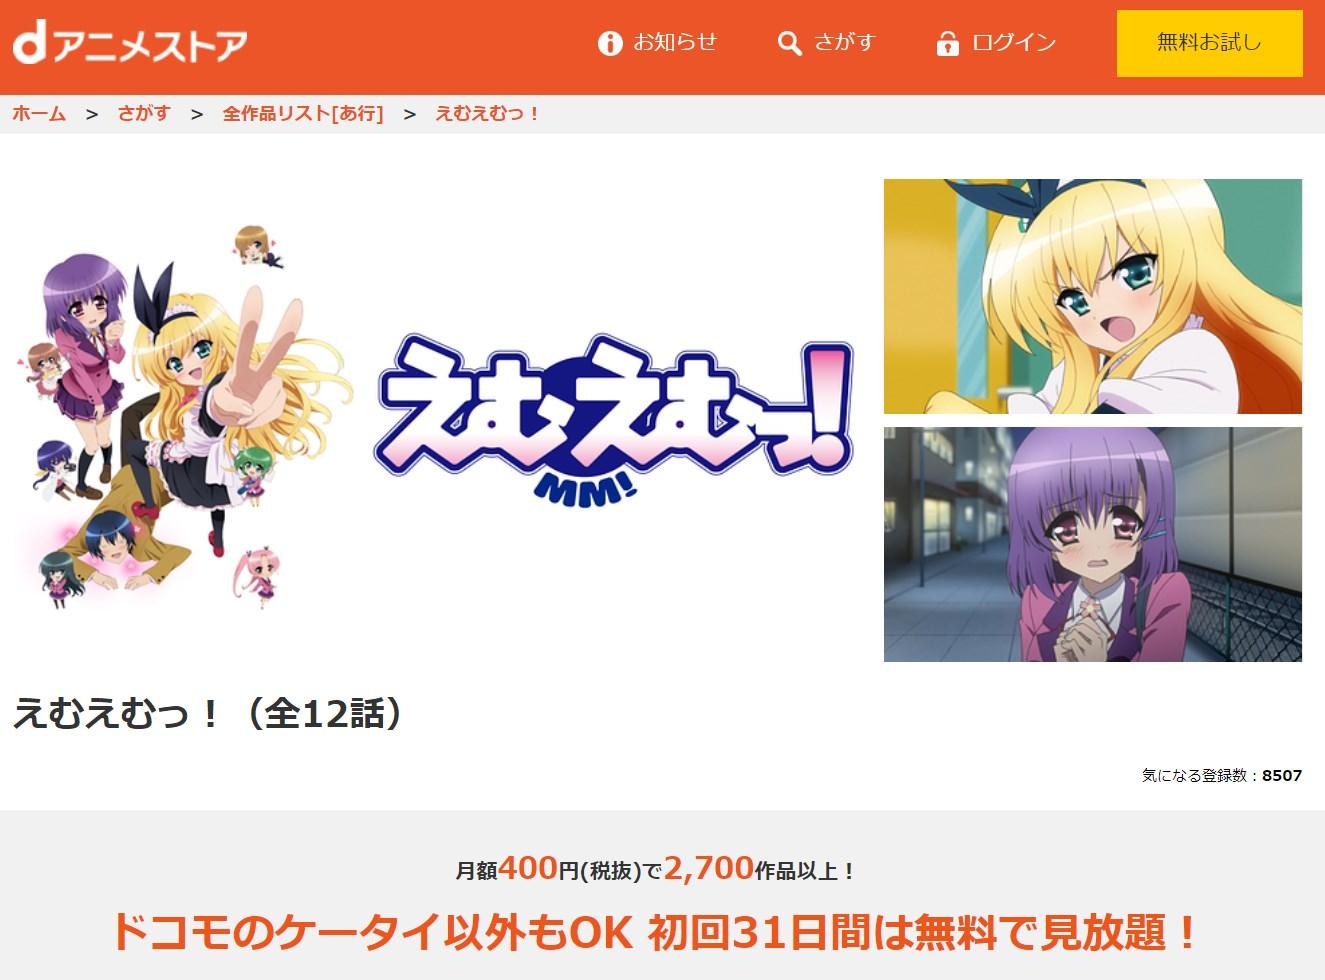 「えむえむっ!」の動画!アニメ全話が高画質で視聴できる動画配信サービスdアニメストア